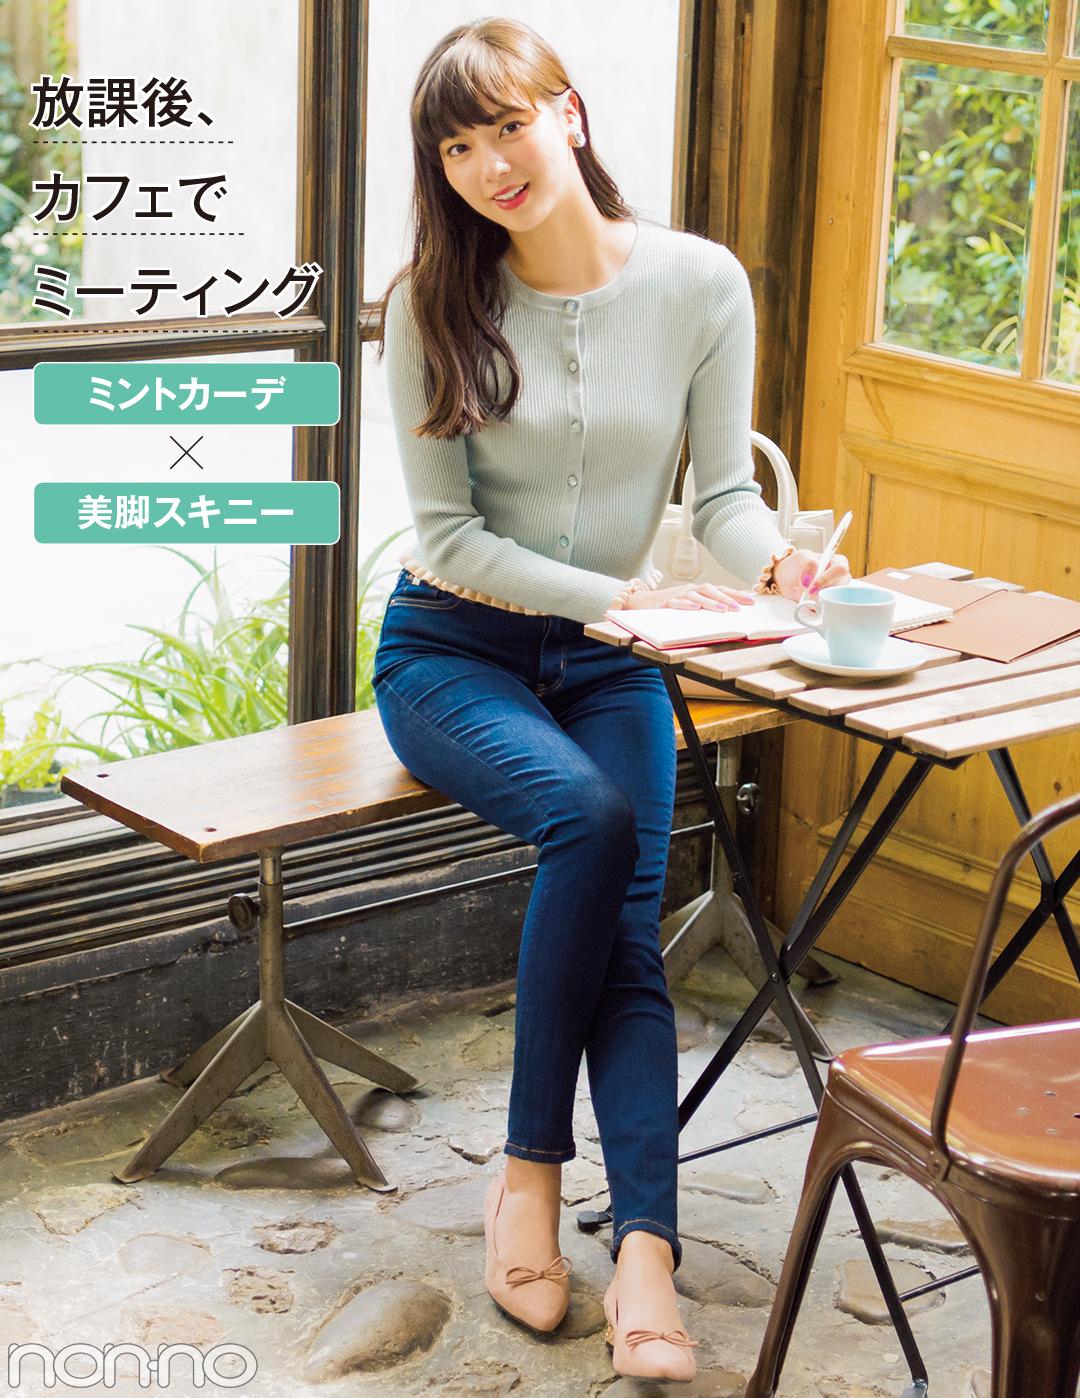 優愛&優子&あずさのシーン別★パステルニット×デニムの正解コーデ_1_1-1